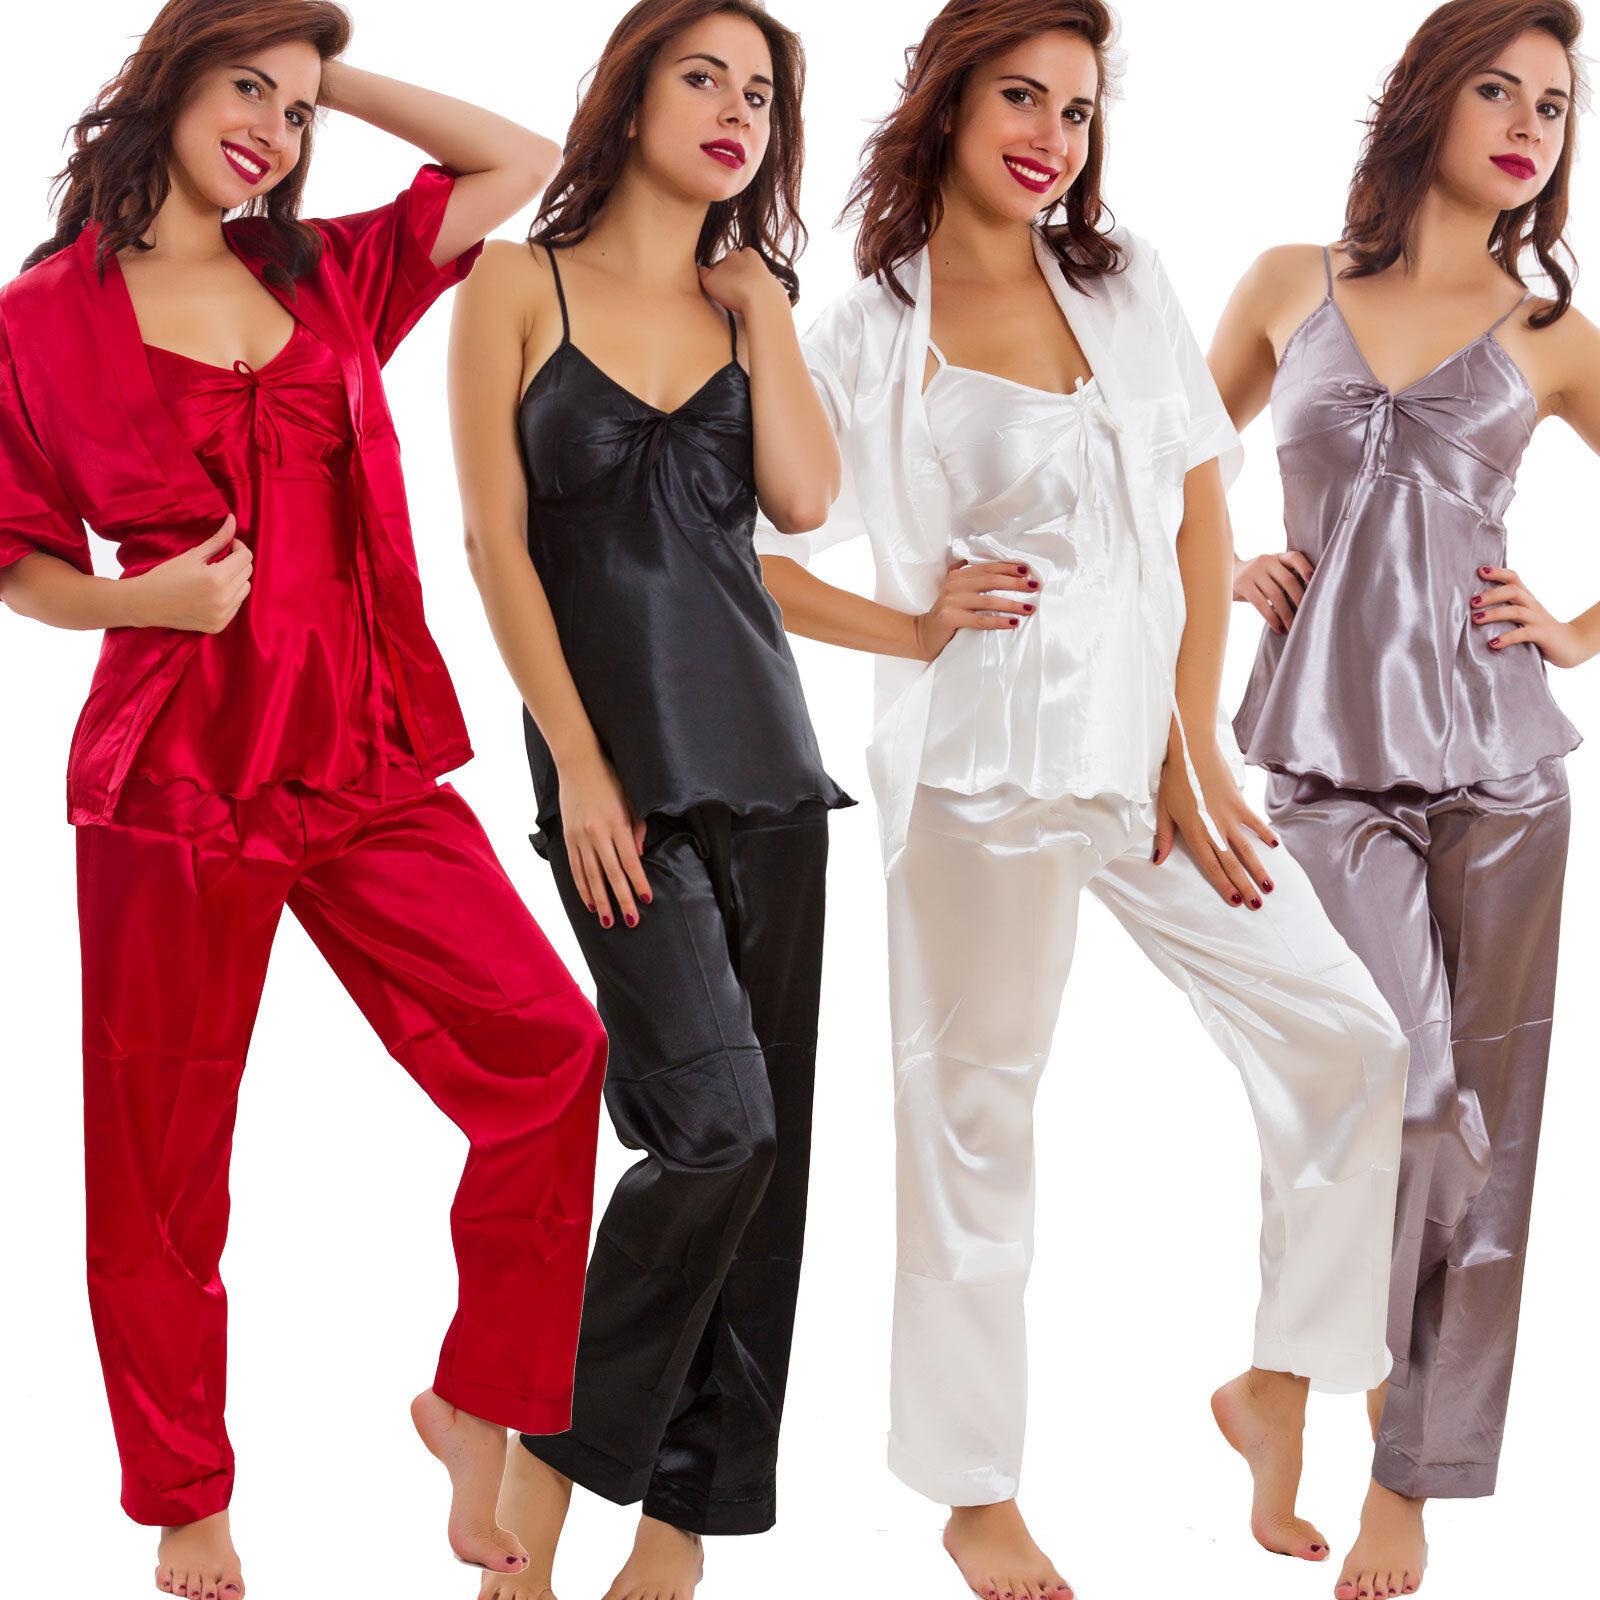 Da Donna raso pigiama Shorty Set trägertop Camicia da notte assaggiarli Top Biancheria Notte Night